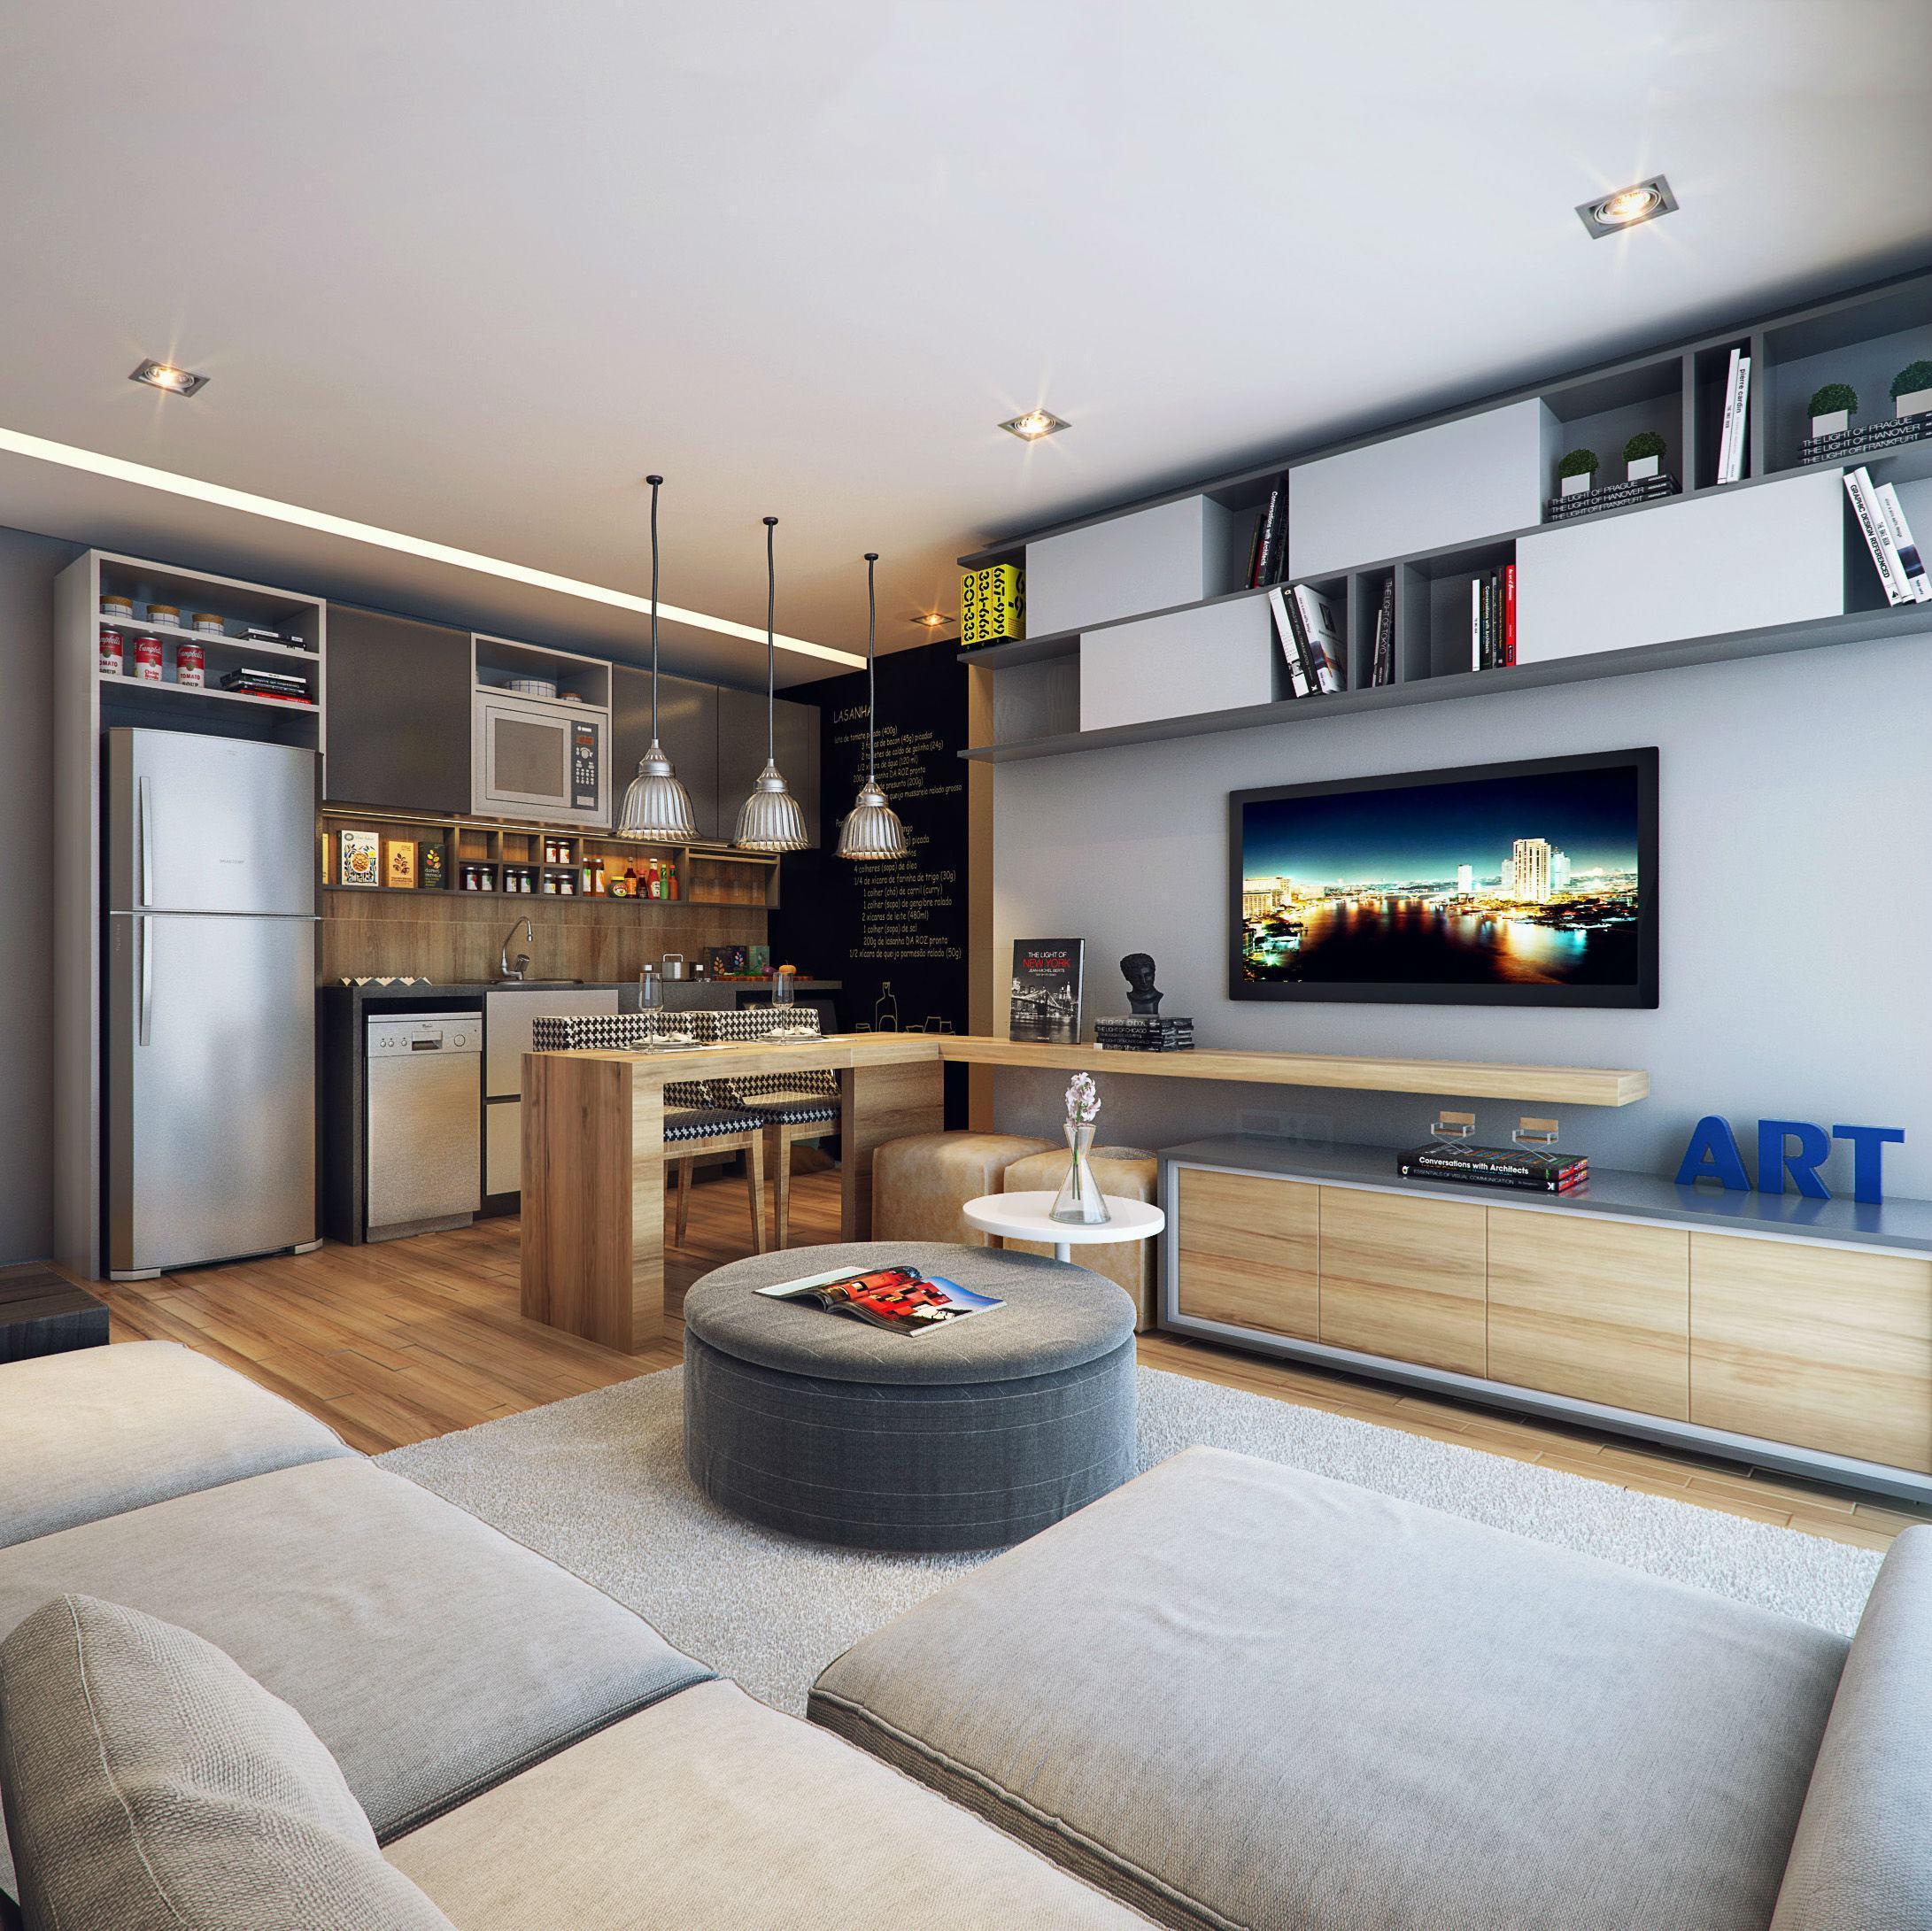 Как объединить кухню и гостиную: 6 главных правил зонирования